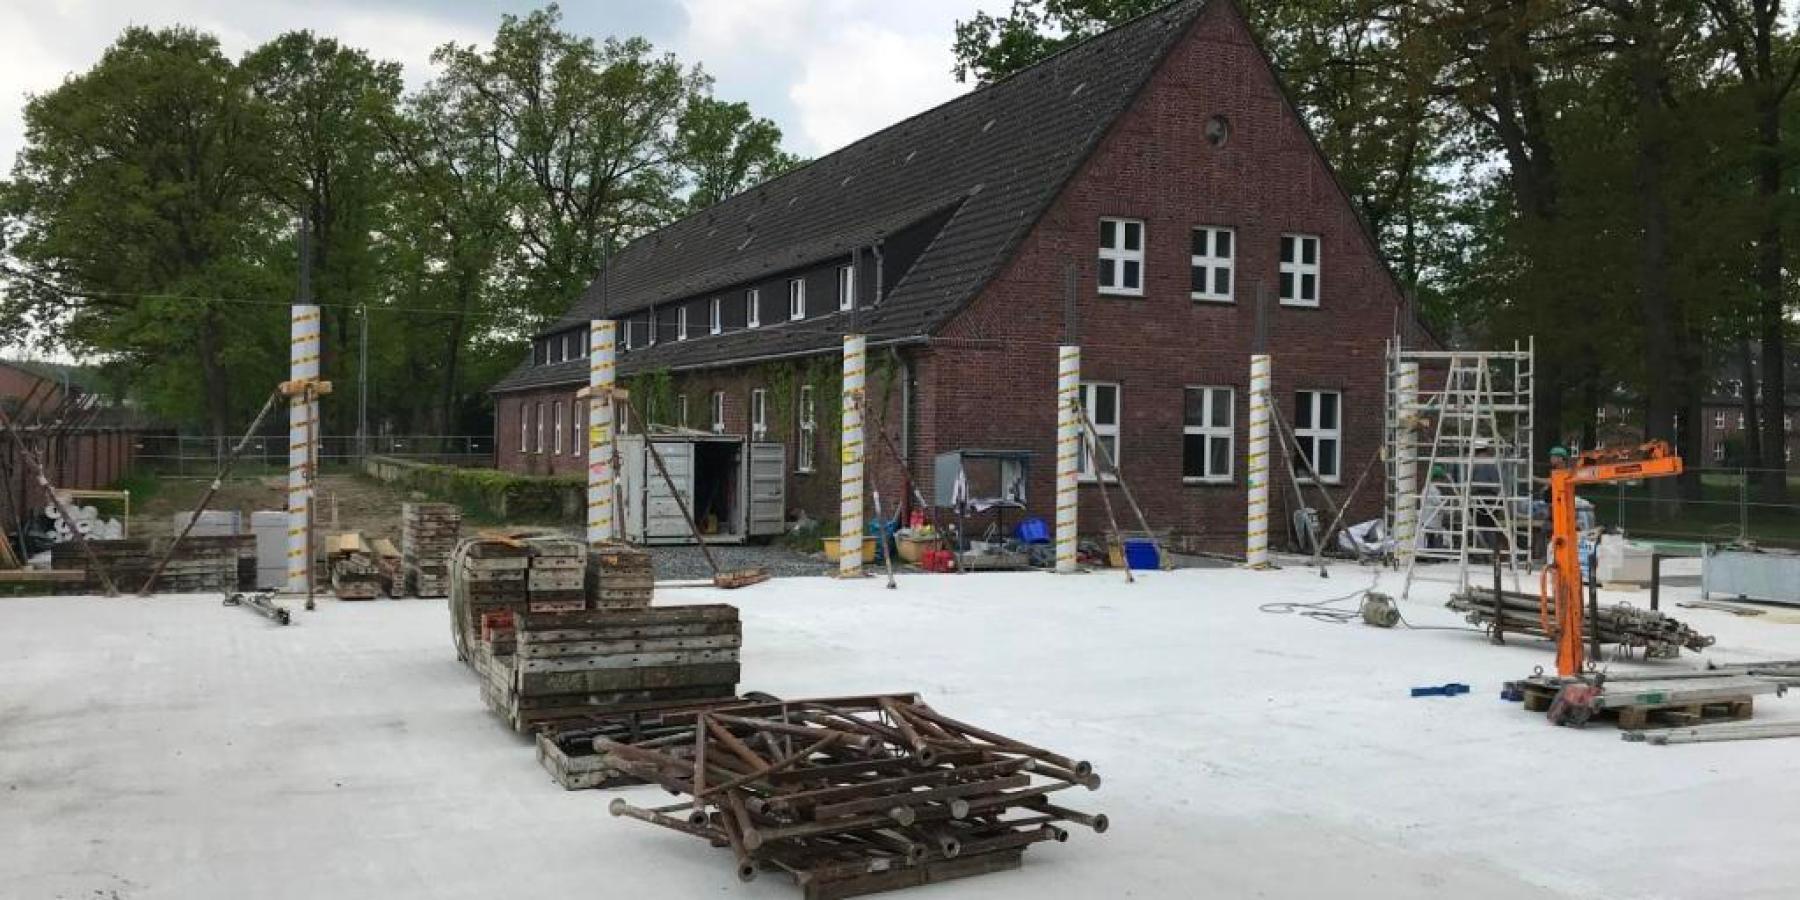 Baustelle York-Quartier: Anbindung an den Angelsachsenweg